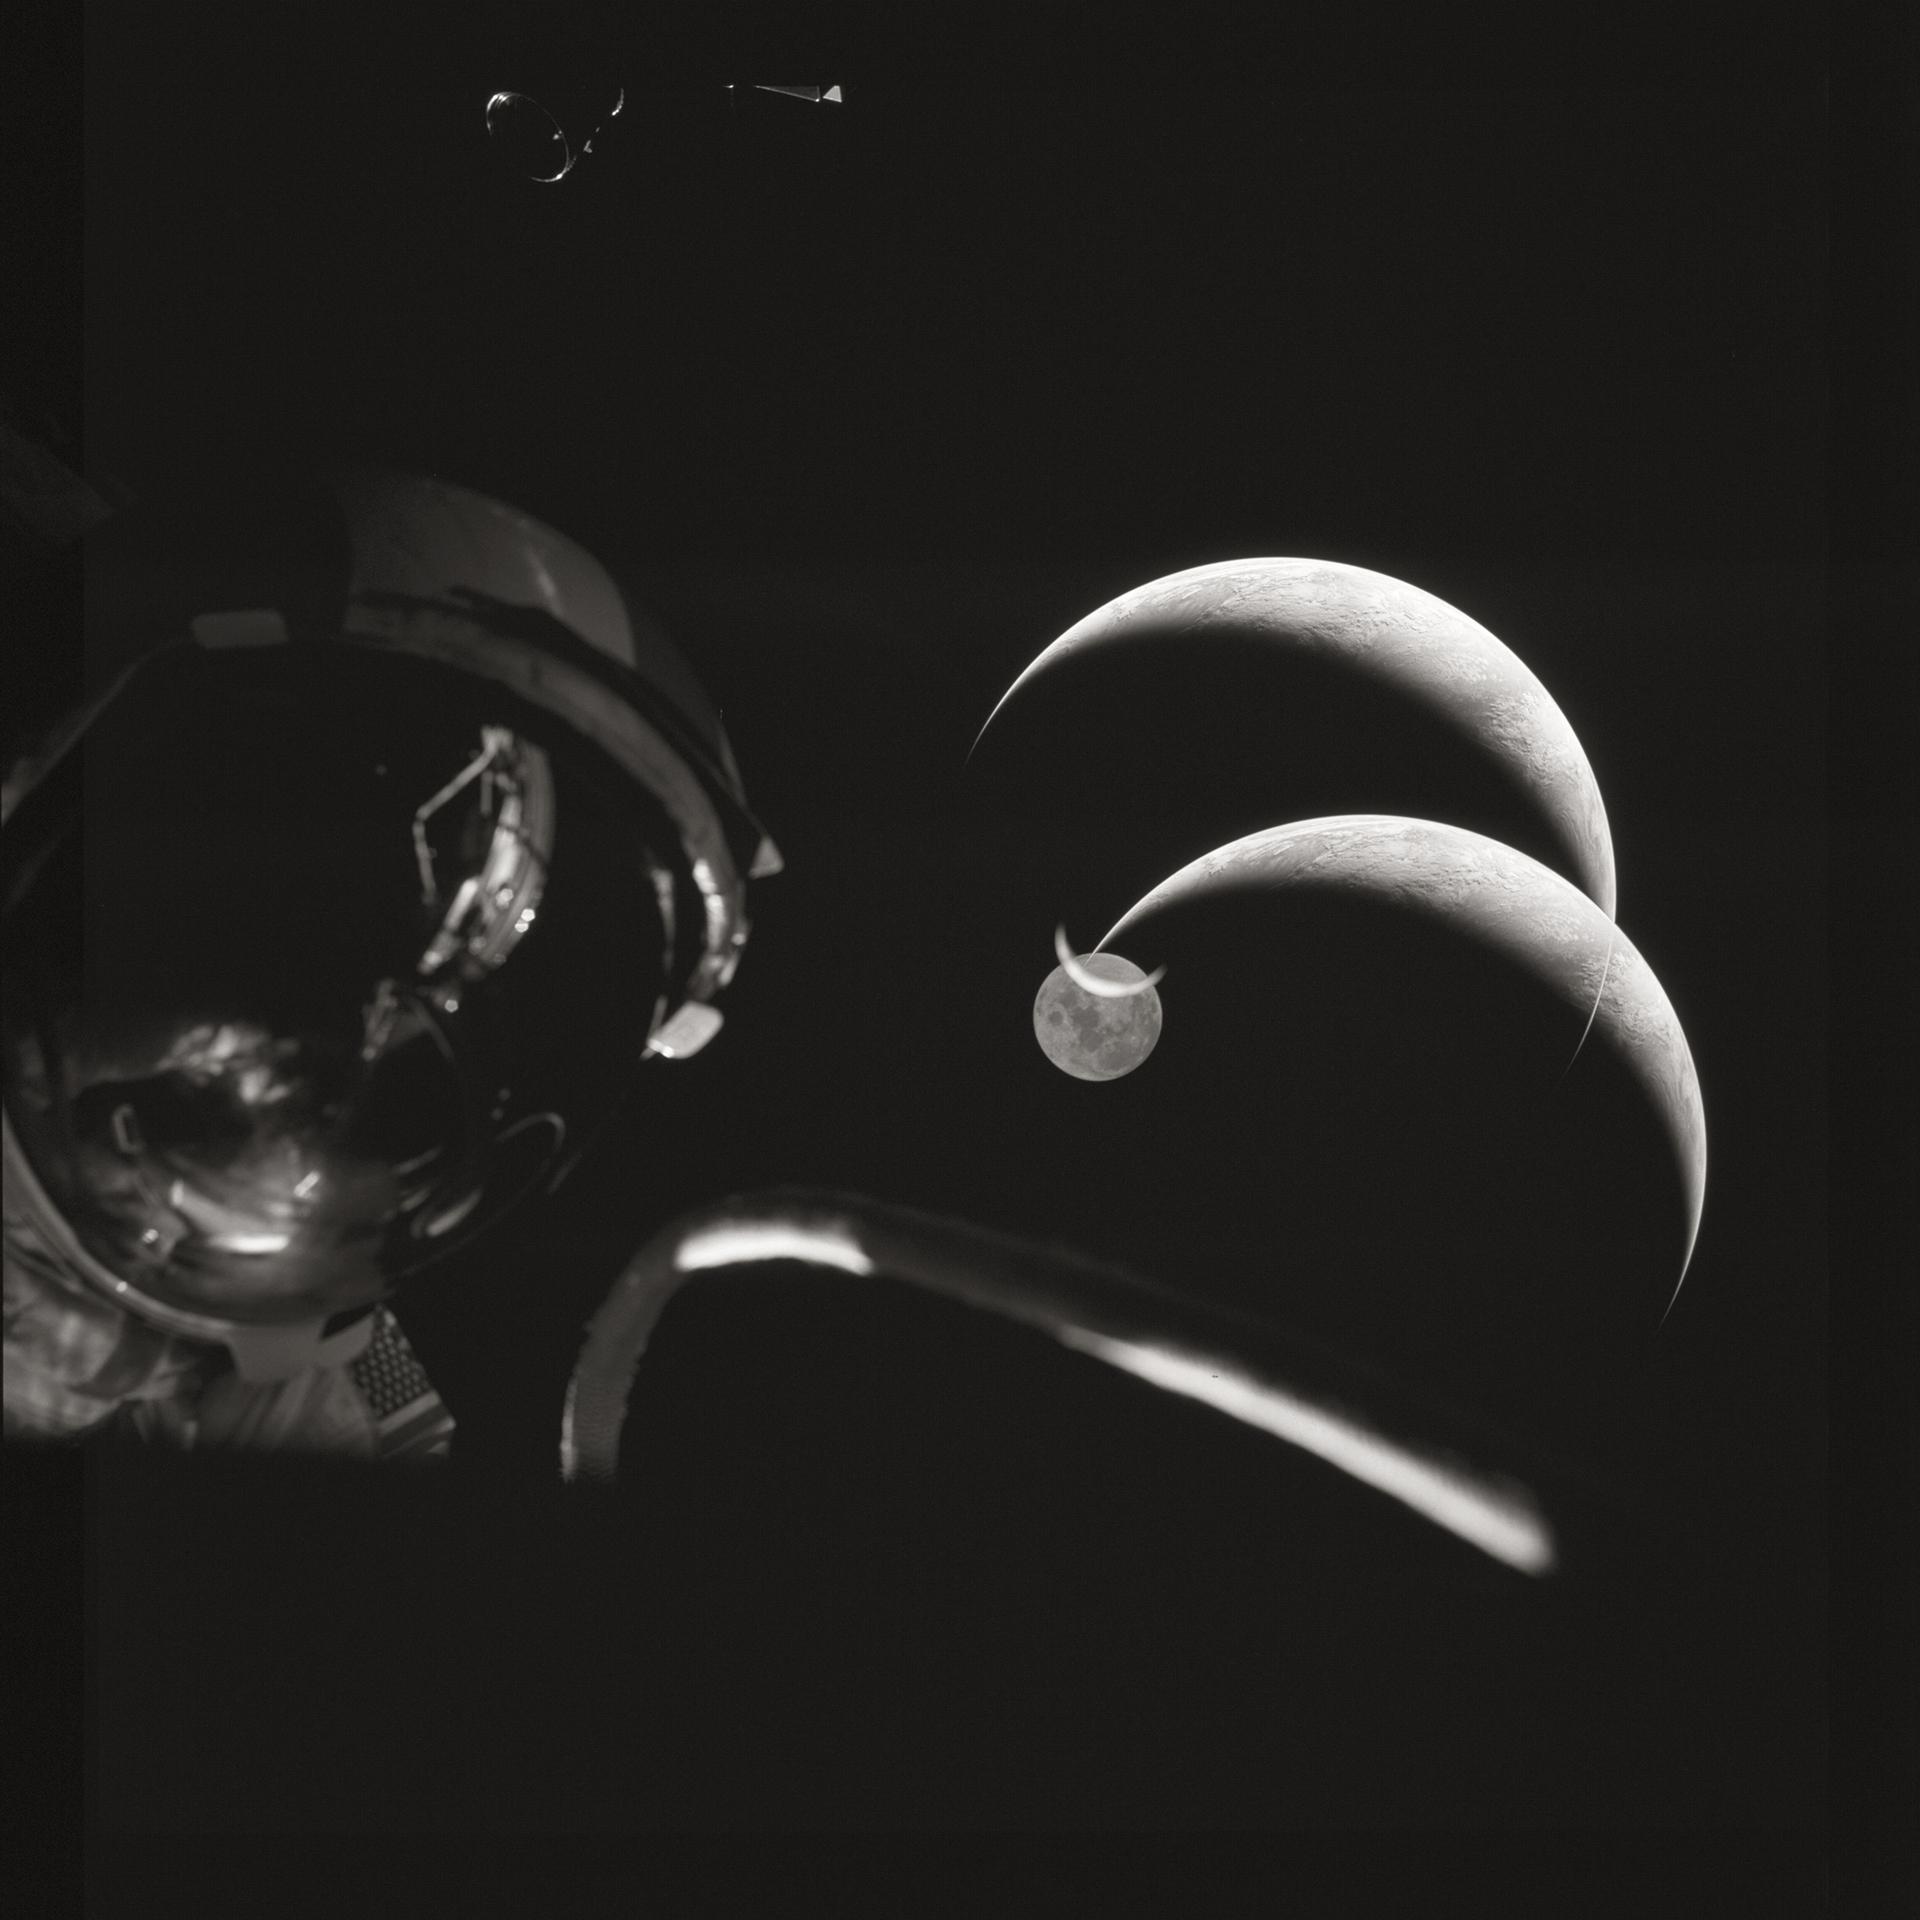 Apollo 17    AS17. Rollo 152. Fotogramas 02 al 20. Diciembre de 1972.